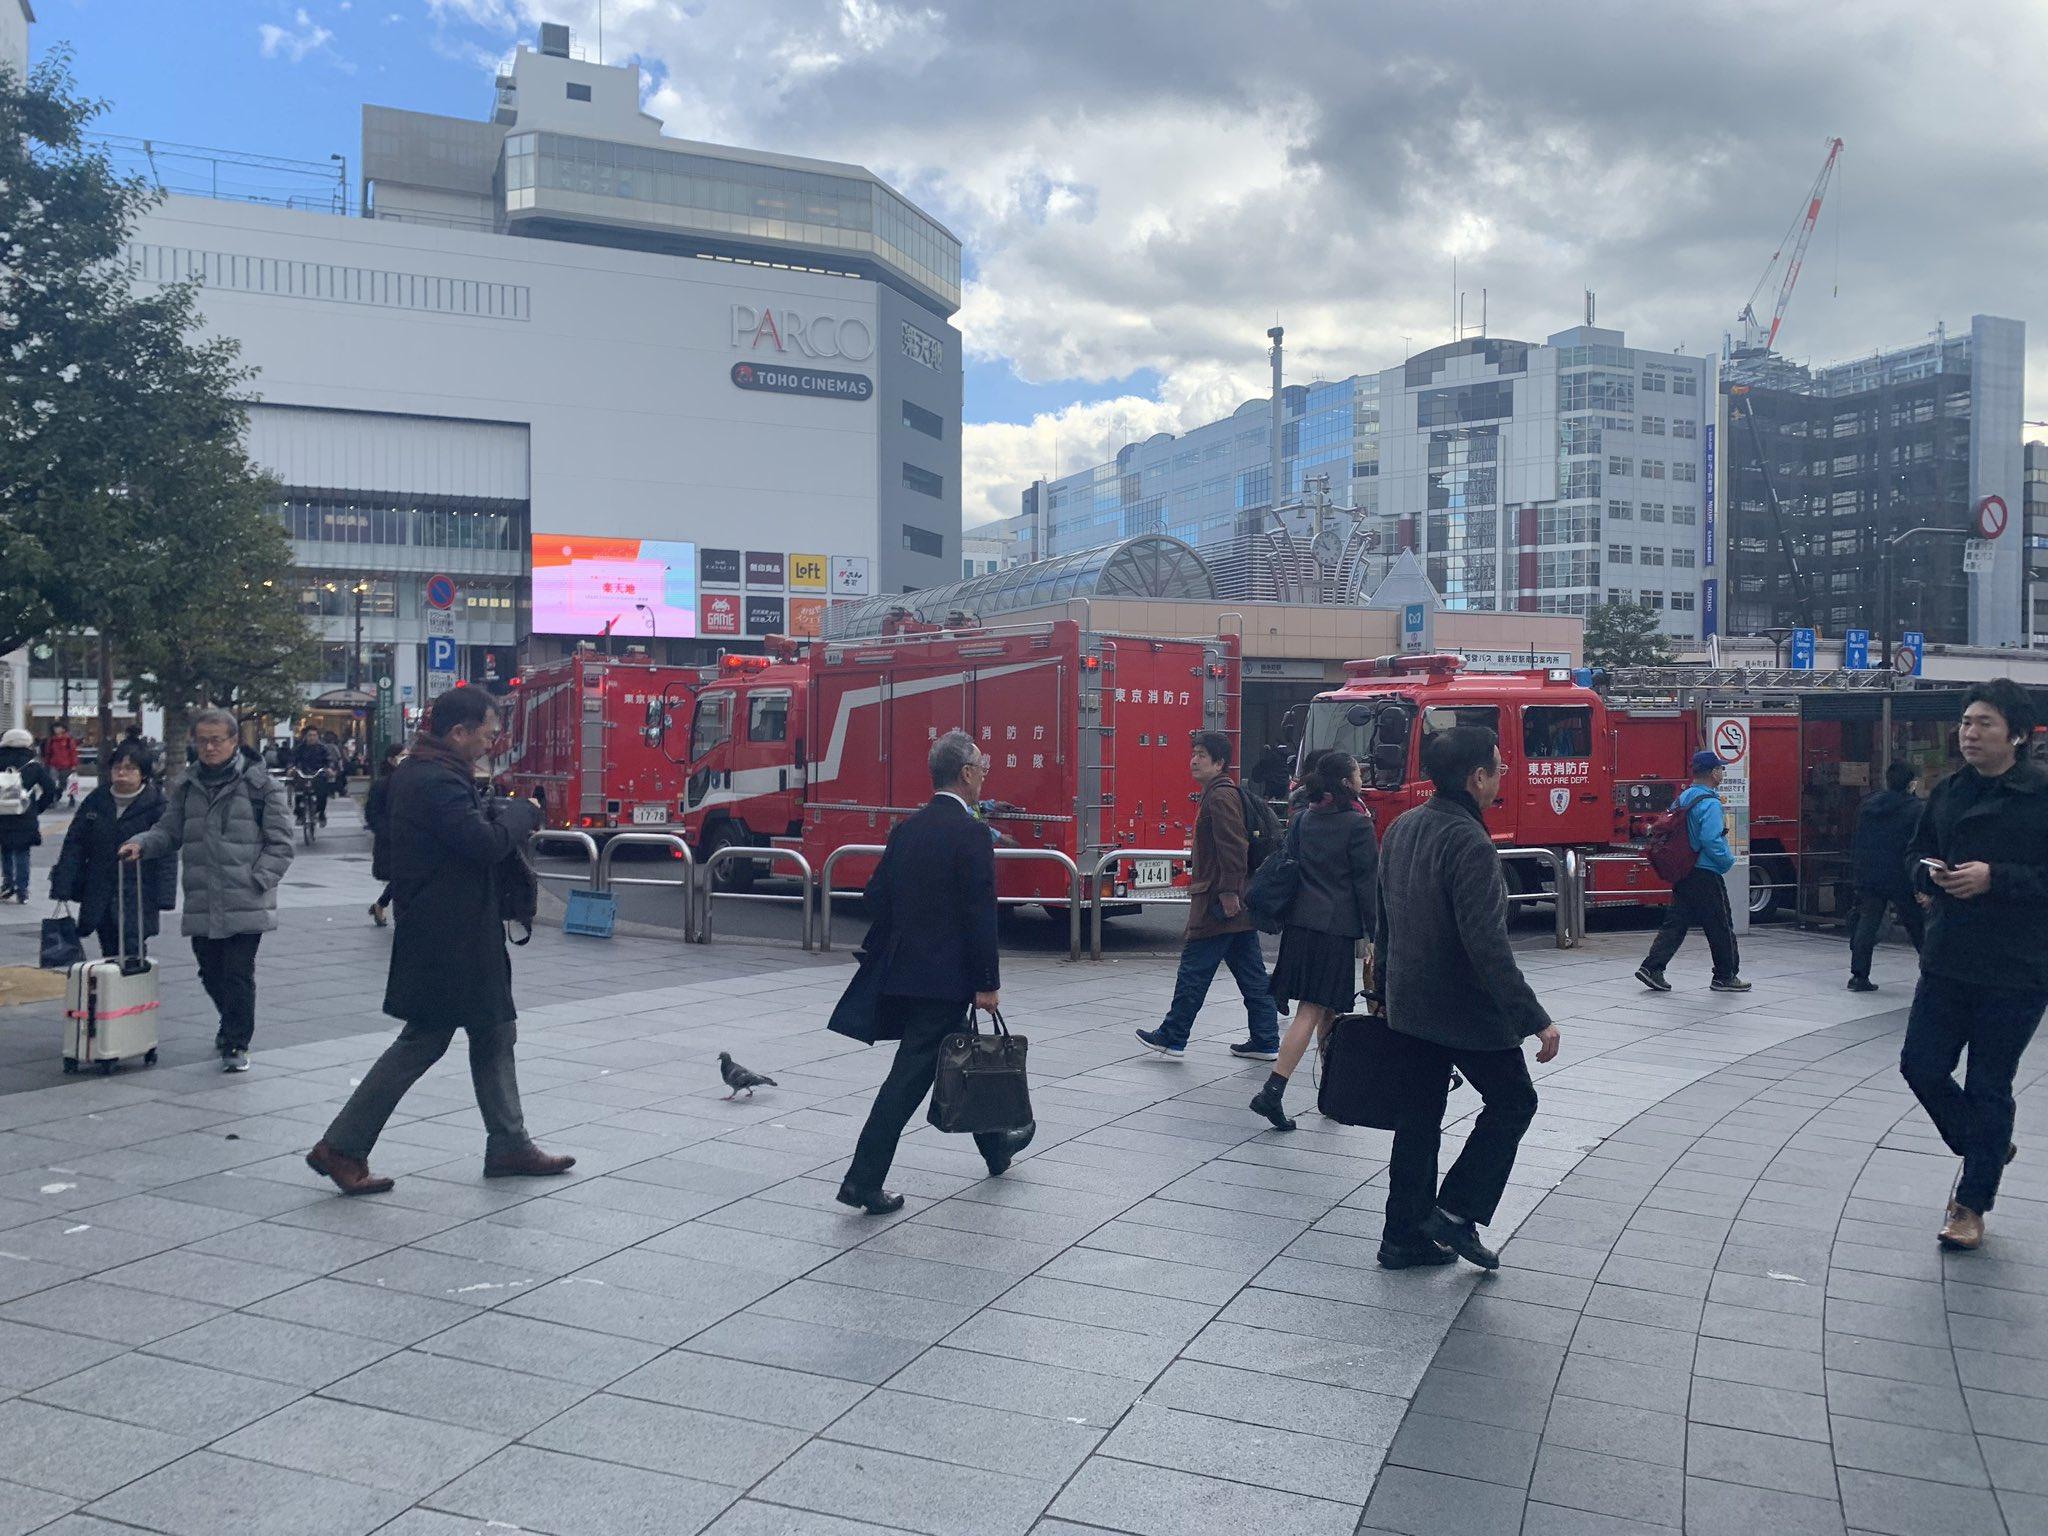 総武線快速の錦糸町駅の人身事故で消防車が集まっている現場の画像